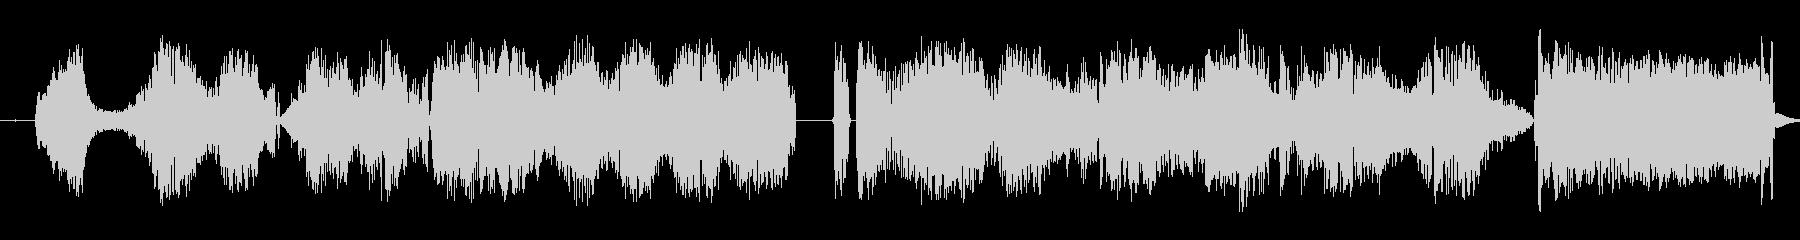 静的干渉跳ね返りスワイプ3の未再生の波形